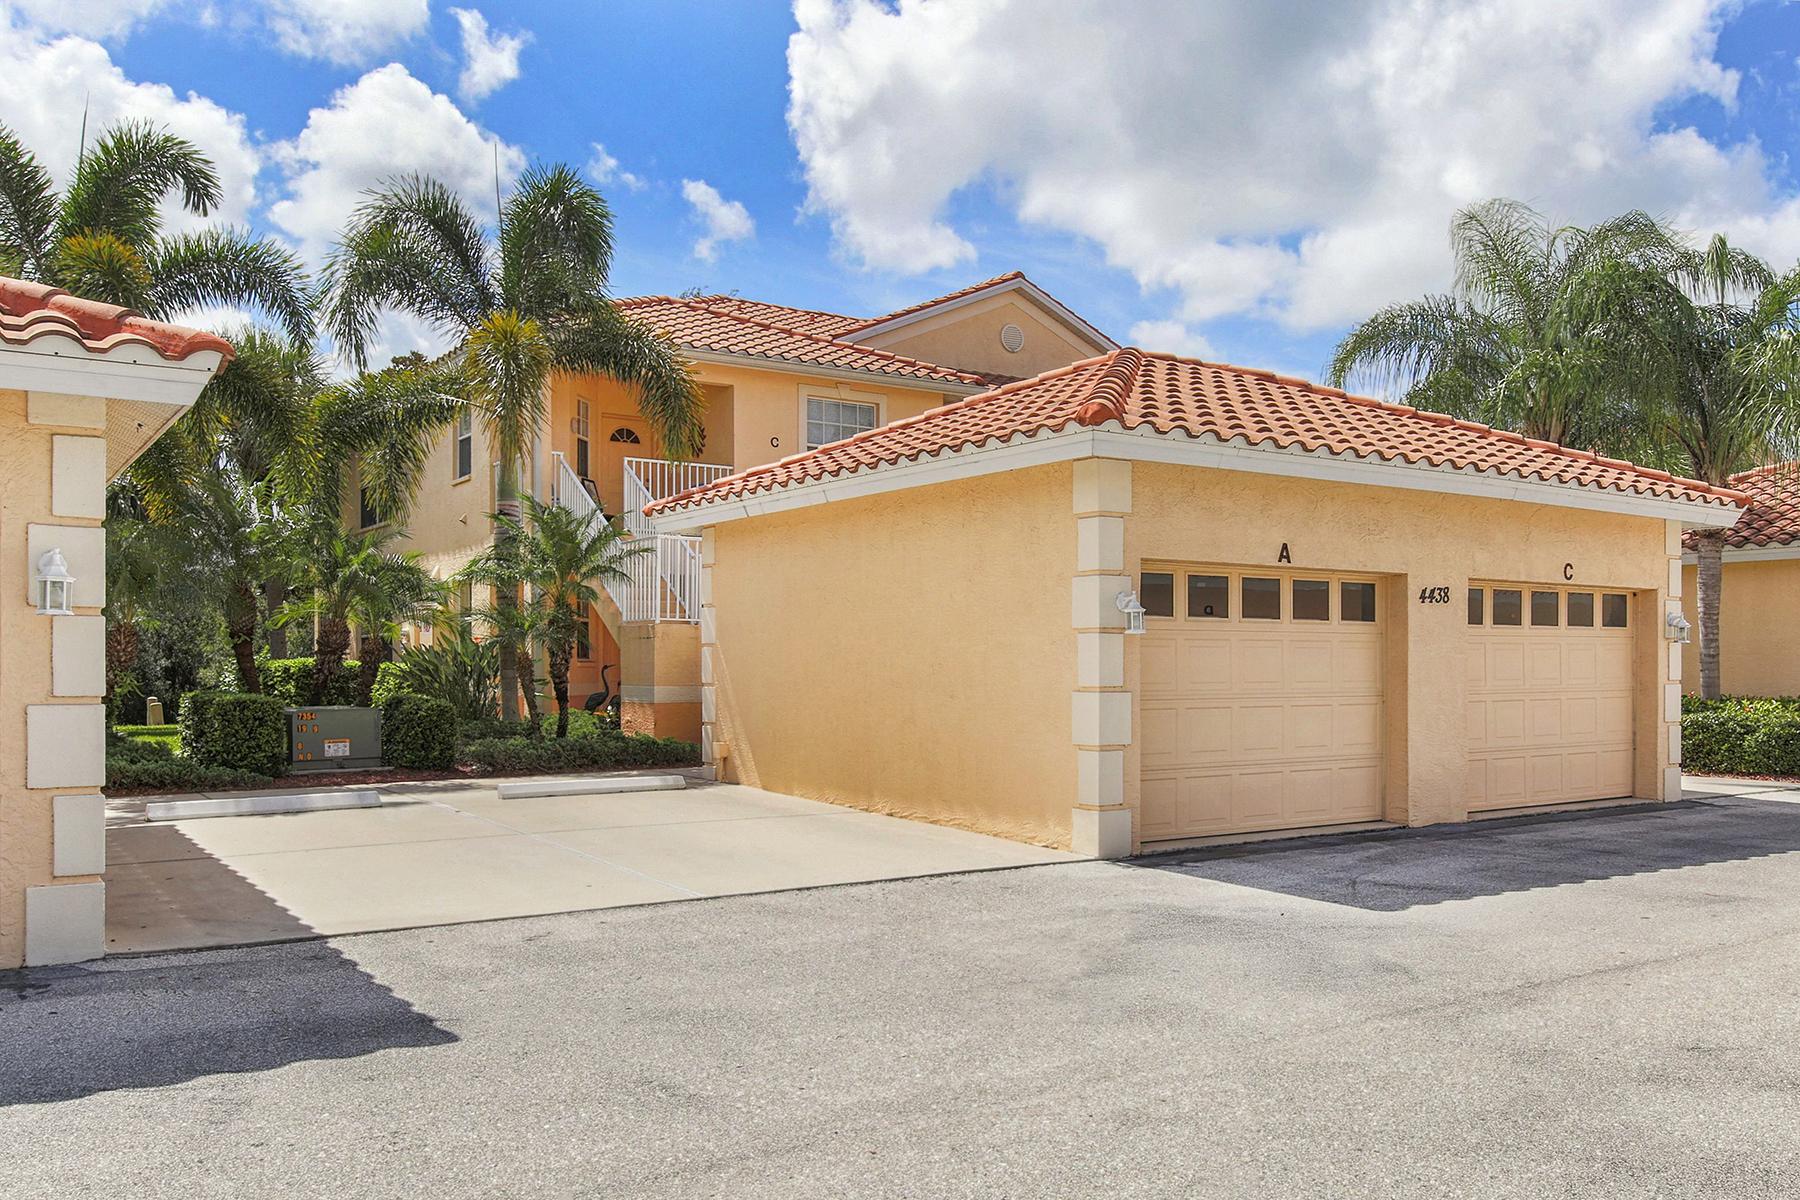 Eigentumswohnung für Verkauf beim VENETIA 4438 Corso Venetia Blvd A13 Venice, Florida, 34293 Vereinigte Staaten